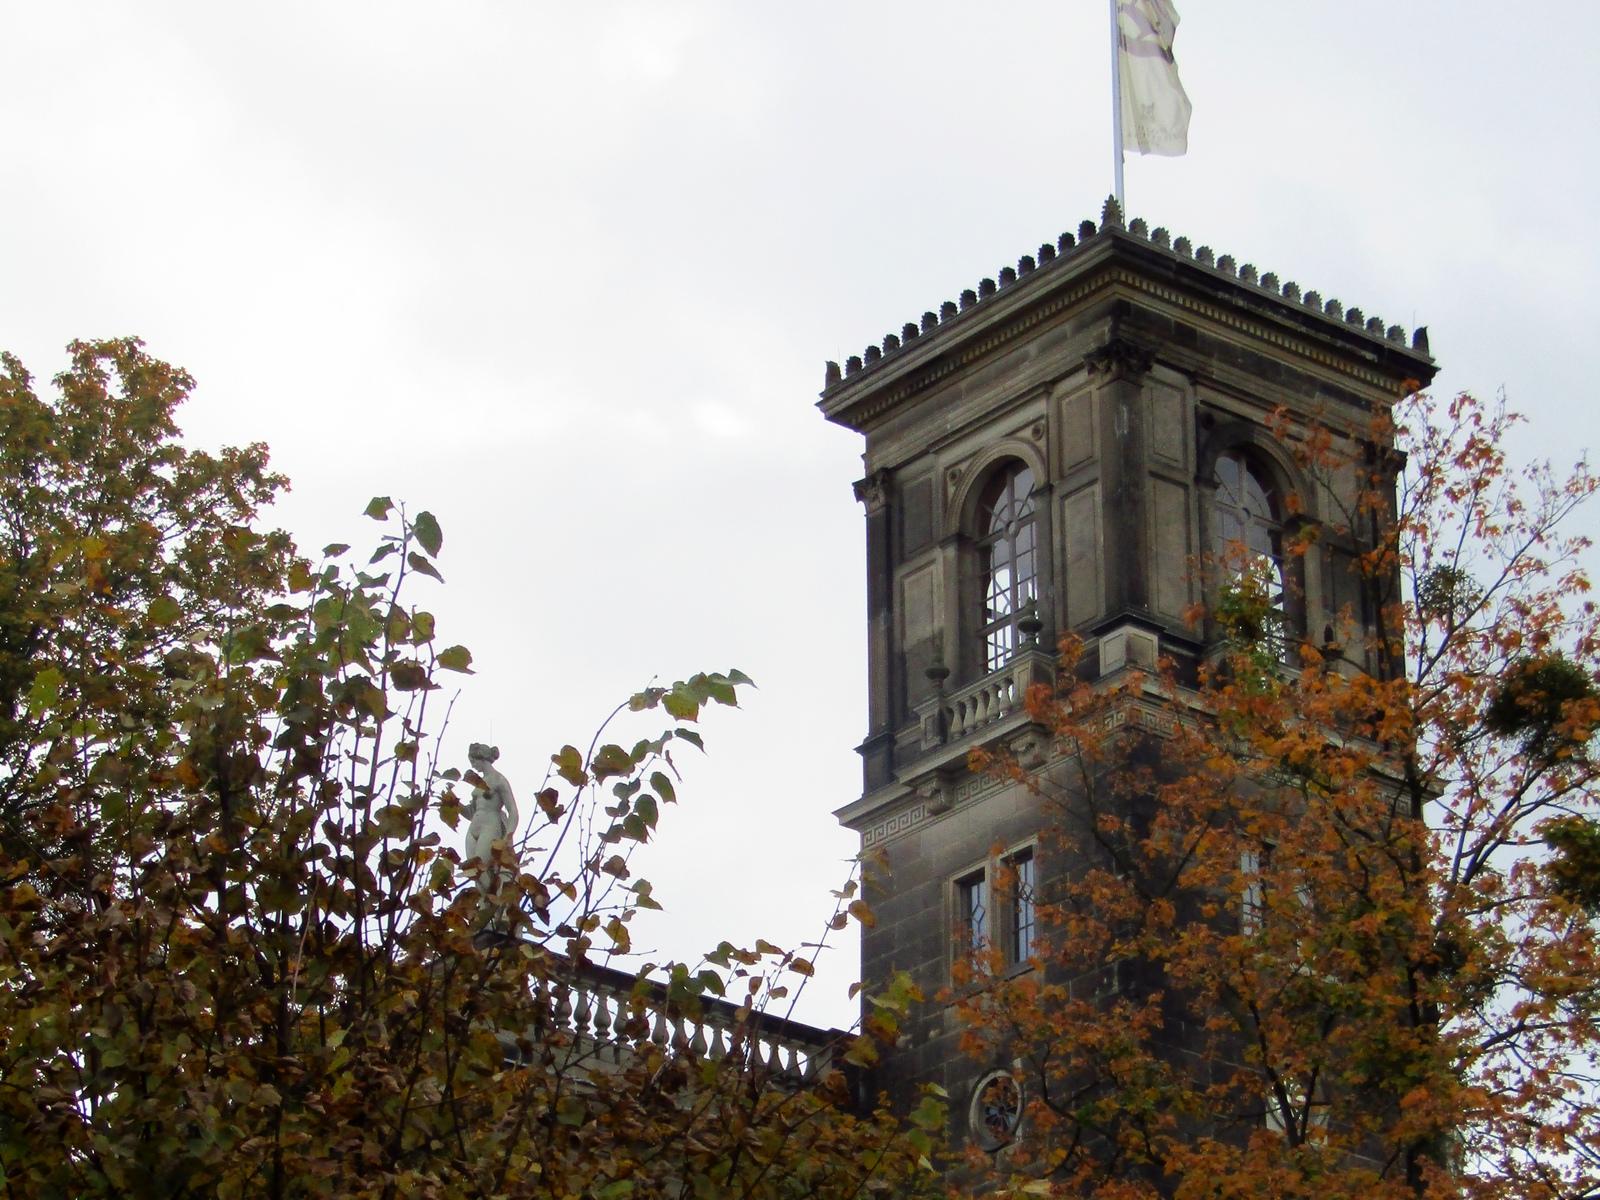 Висока годинникова вежа з деревами у фоновому режимі